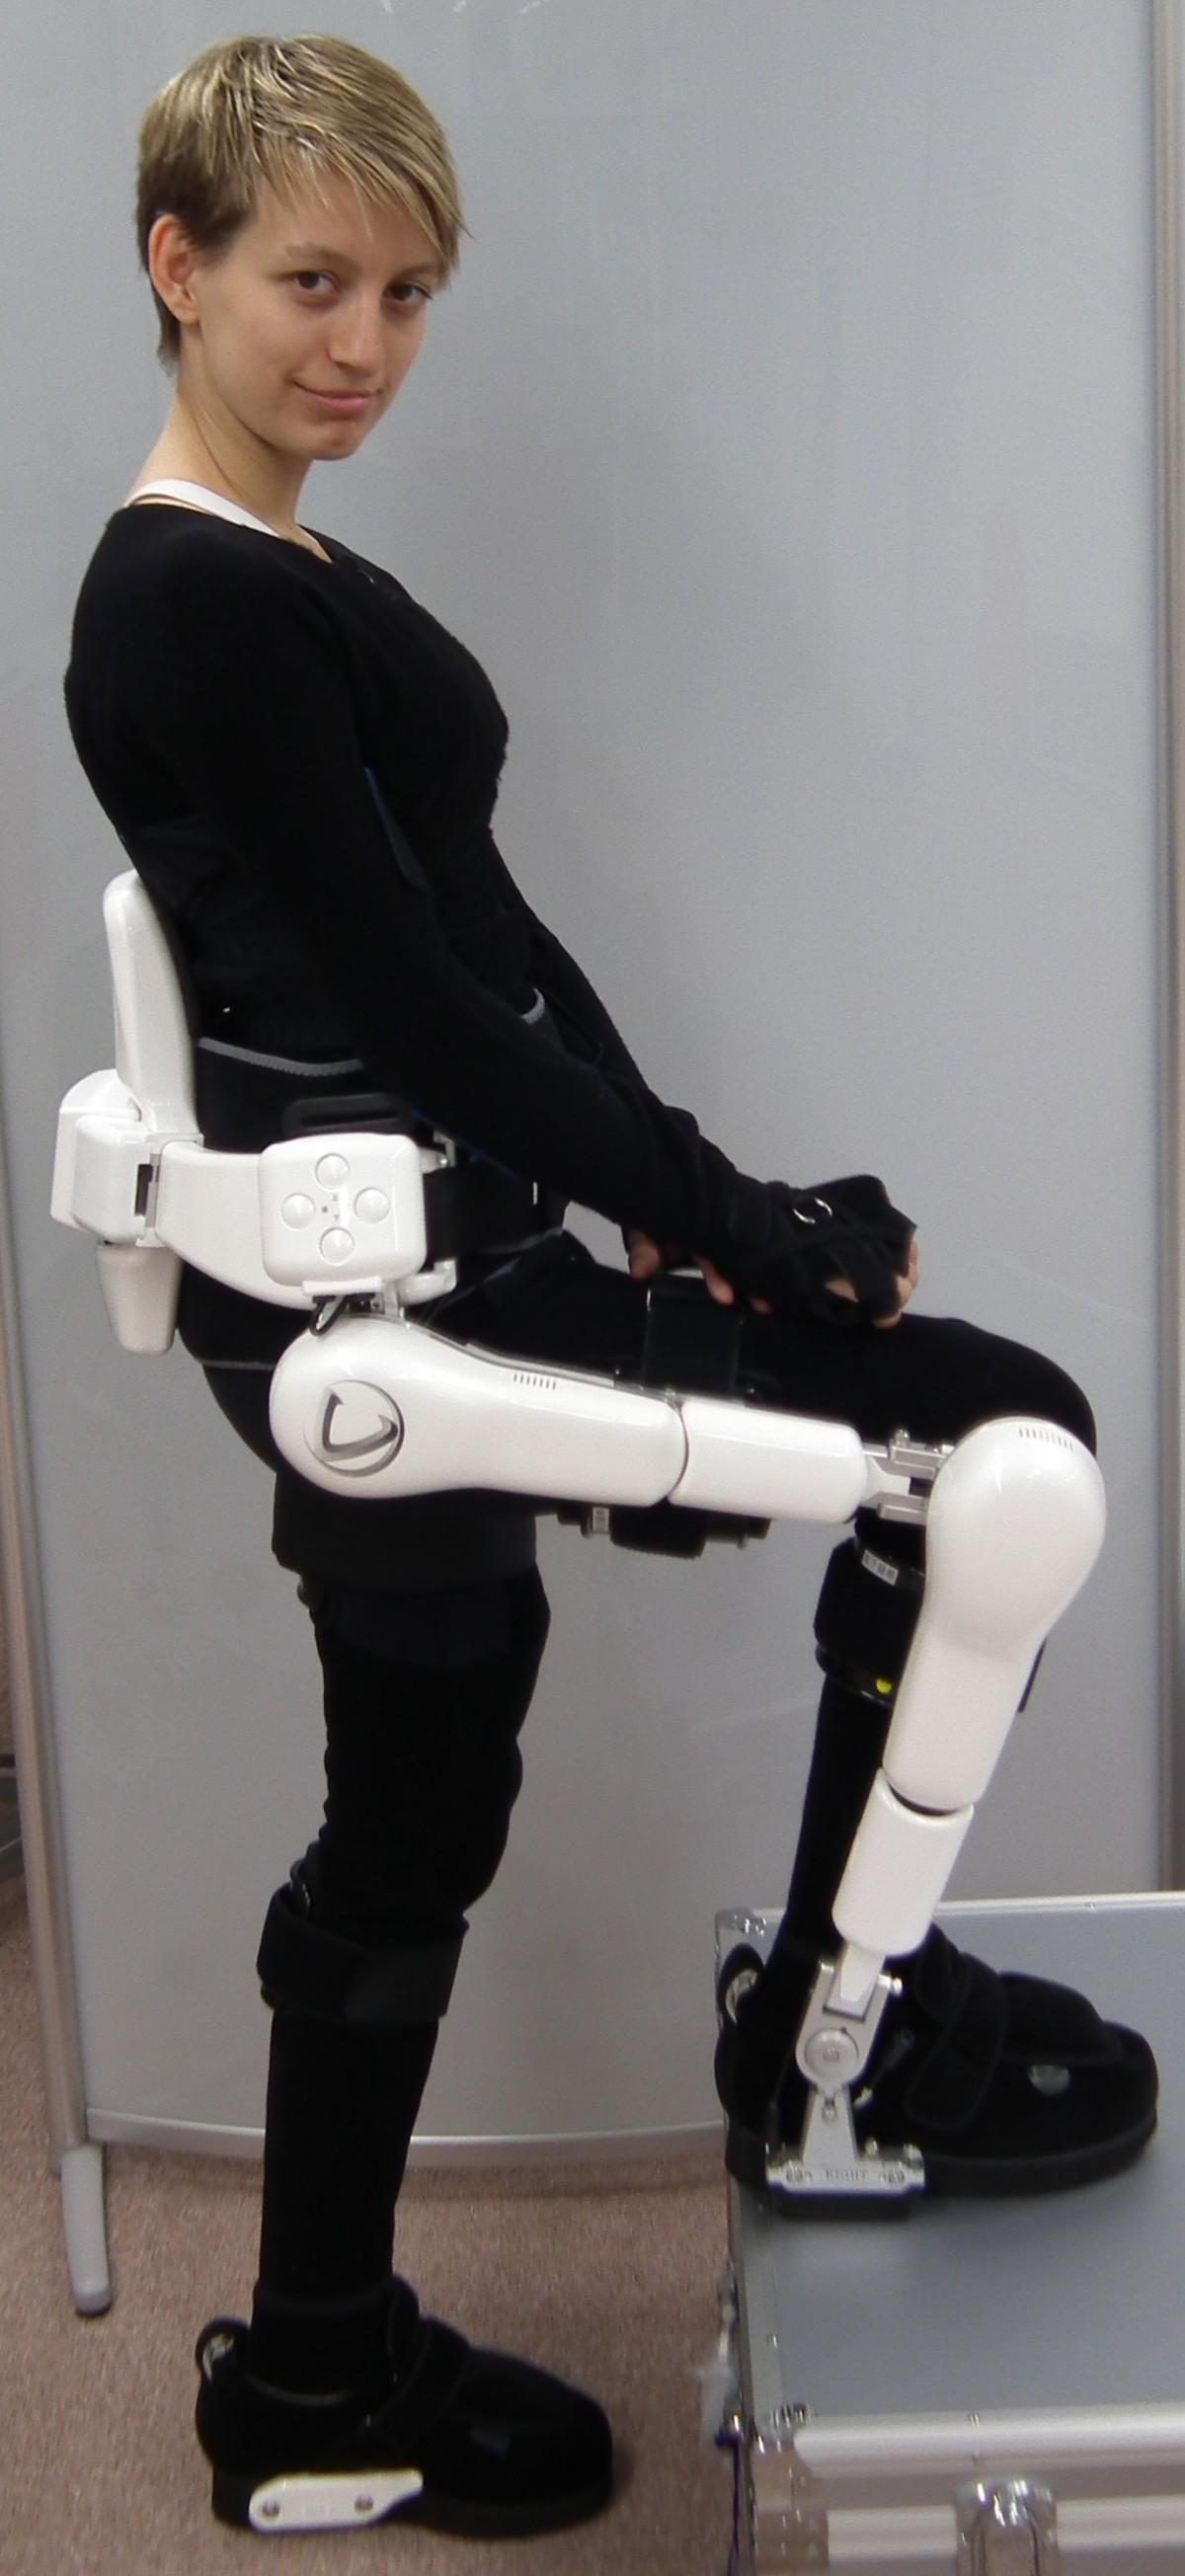 Zoya in a robot suit